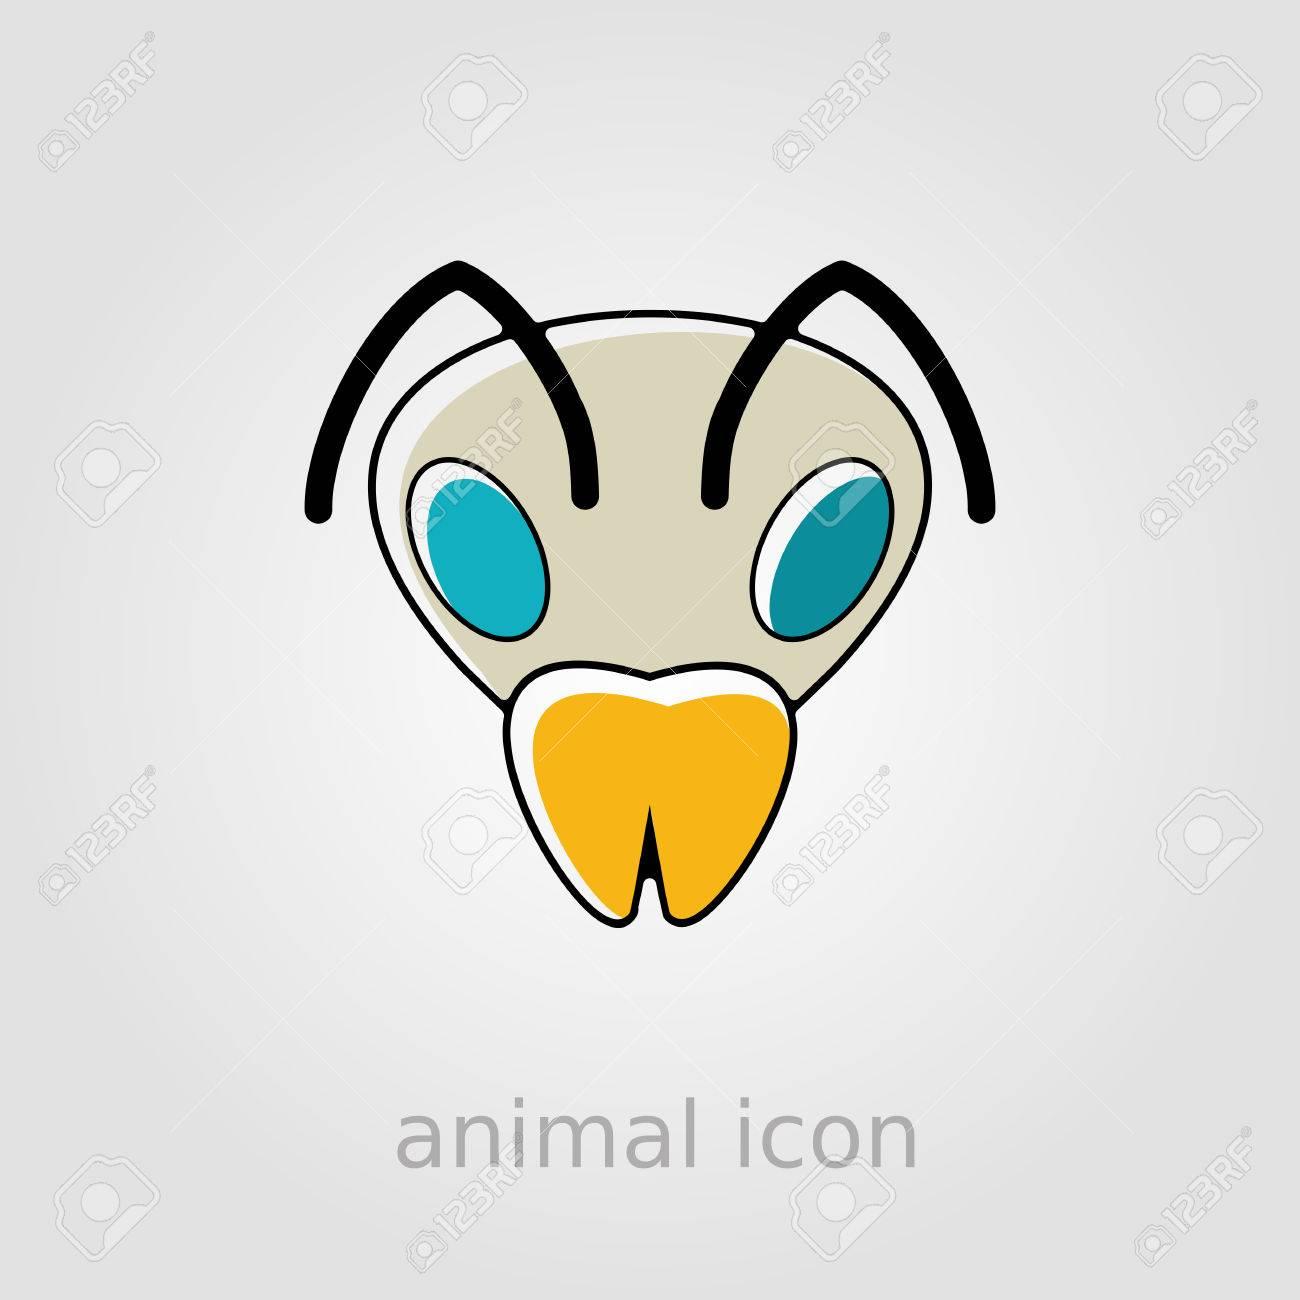 Bee wasp bumblebee flat icon animal head vector symbol royalty animal head vector symbol stock vector 55017460 biocorpaavc